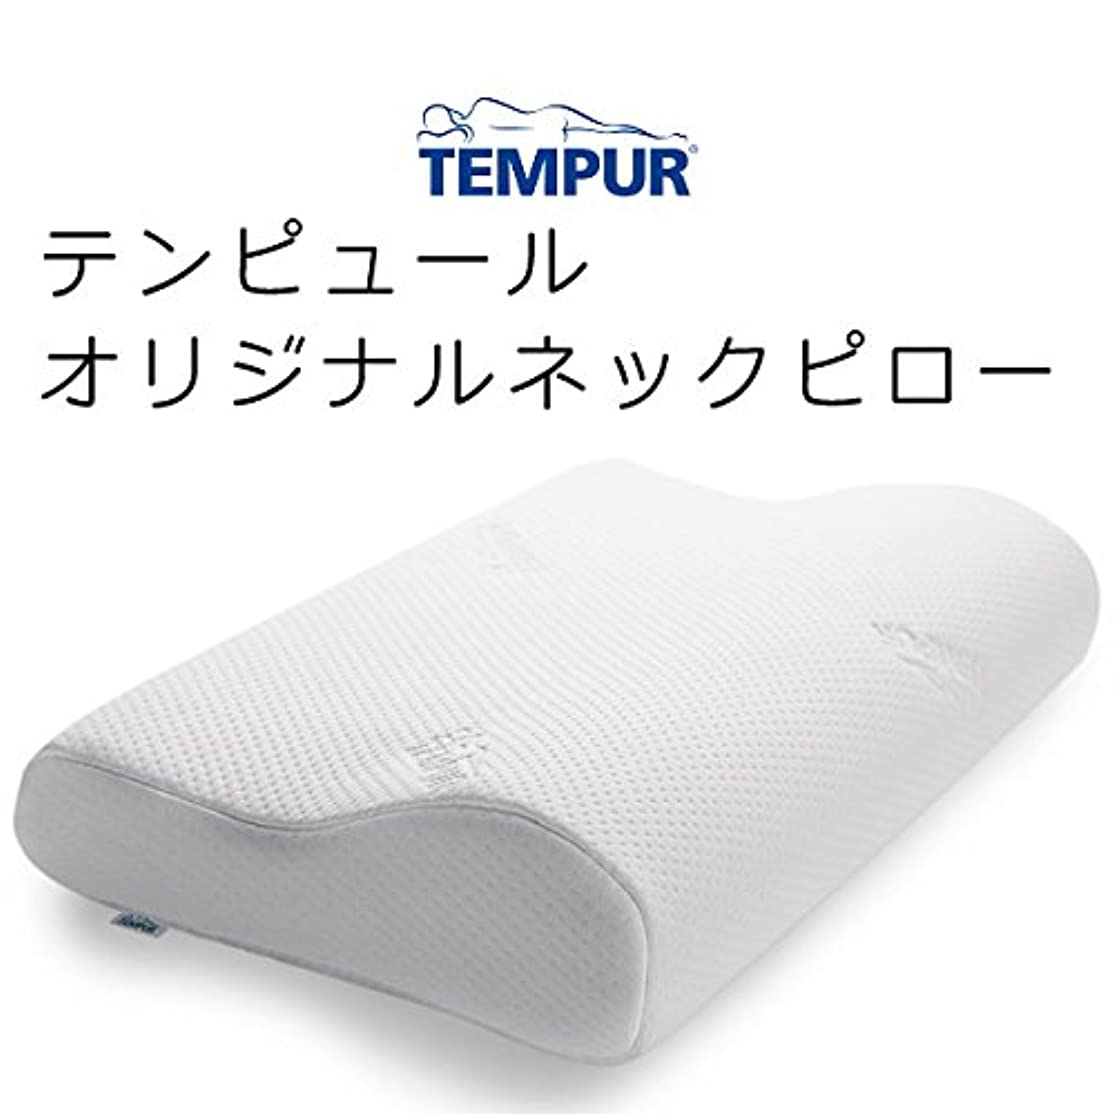 バトル中傷植木TEMPUR(テンピュール) オリジナルネックピロー L (幅50×奥行31×高さ11.5~8.5cm) エルゴノミックコレクション